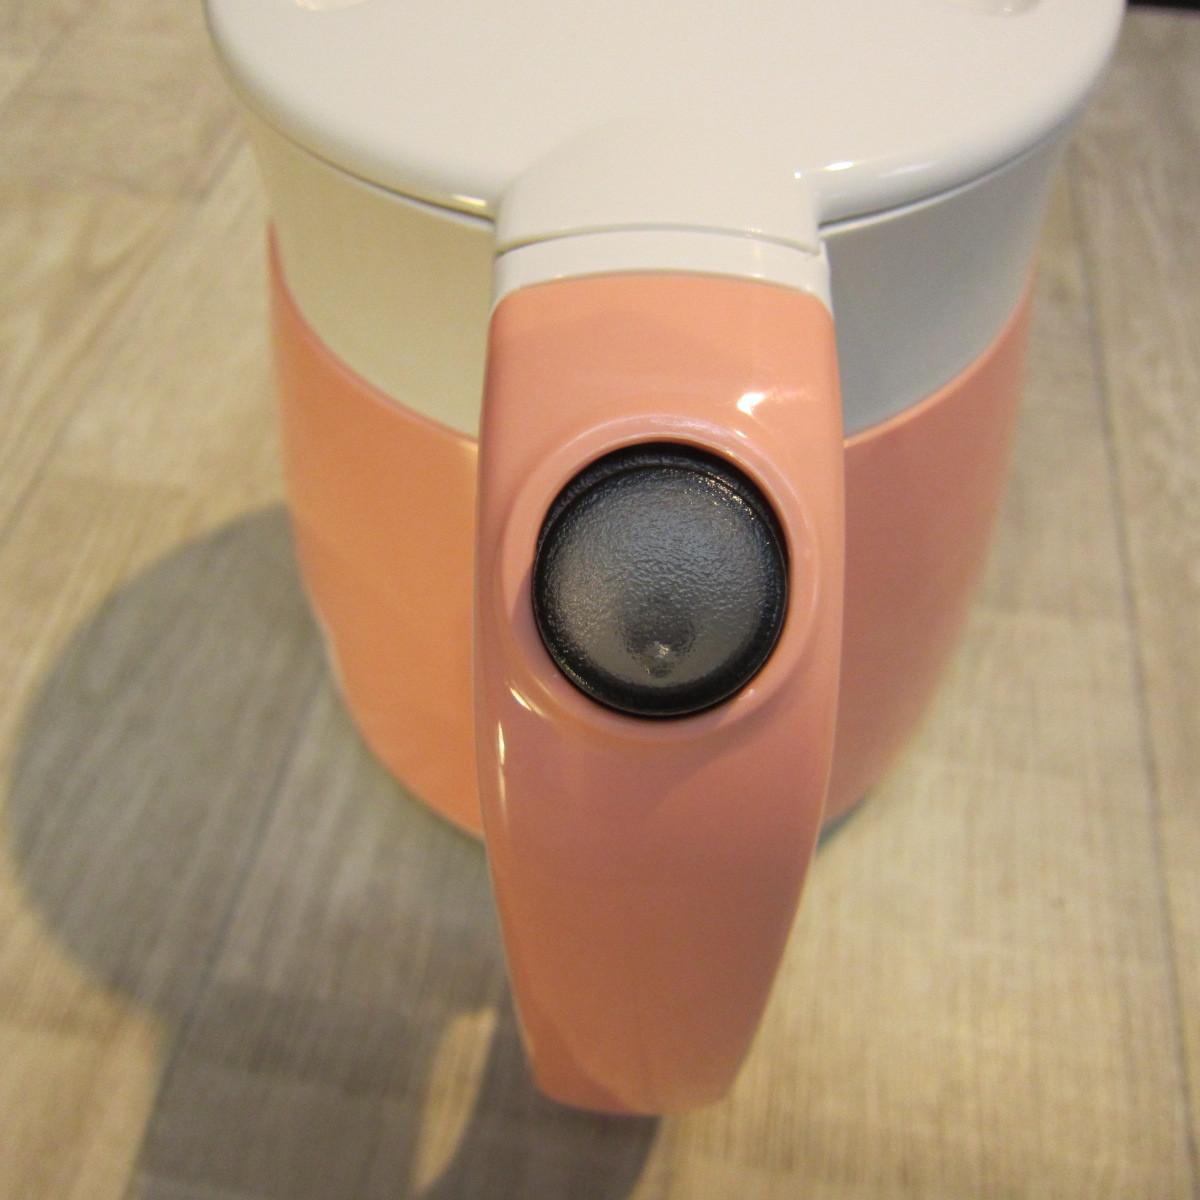 S1214【未使用】タイガー魔法瓶(TIGER) 電気ケトル わく子 800ml コーラルオレンジ PCF-G080-D